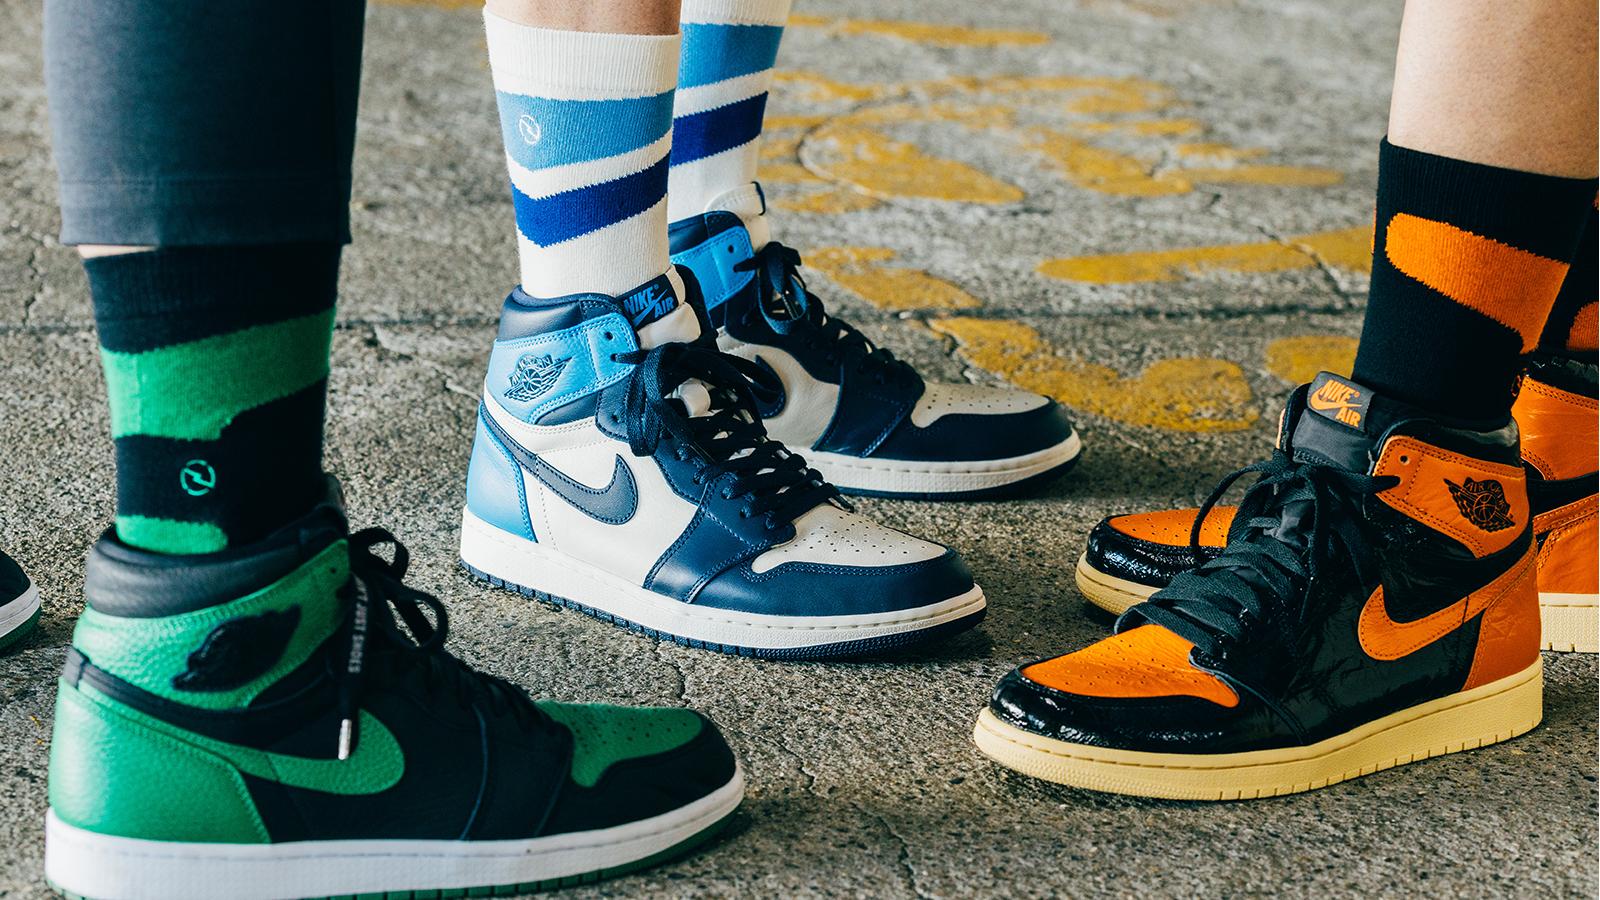 発売後、即完売してしまう人気スニーカー専用の靴下がUNSTREETよりリリース